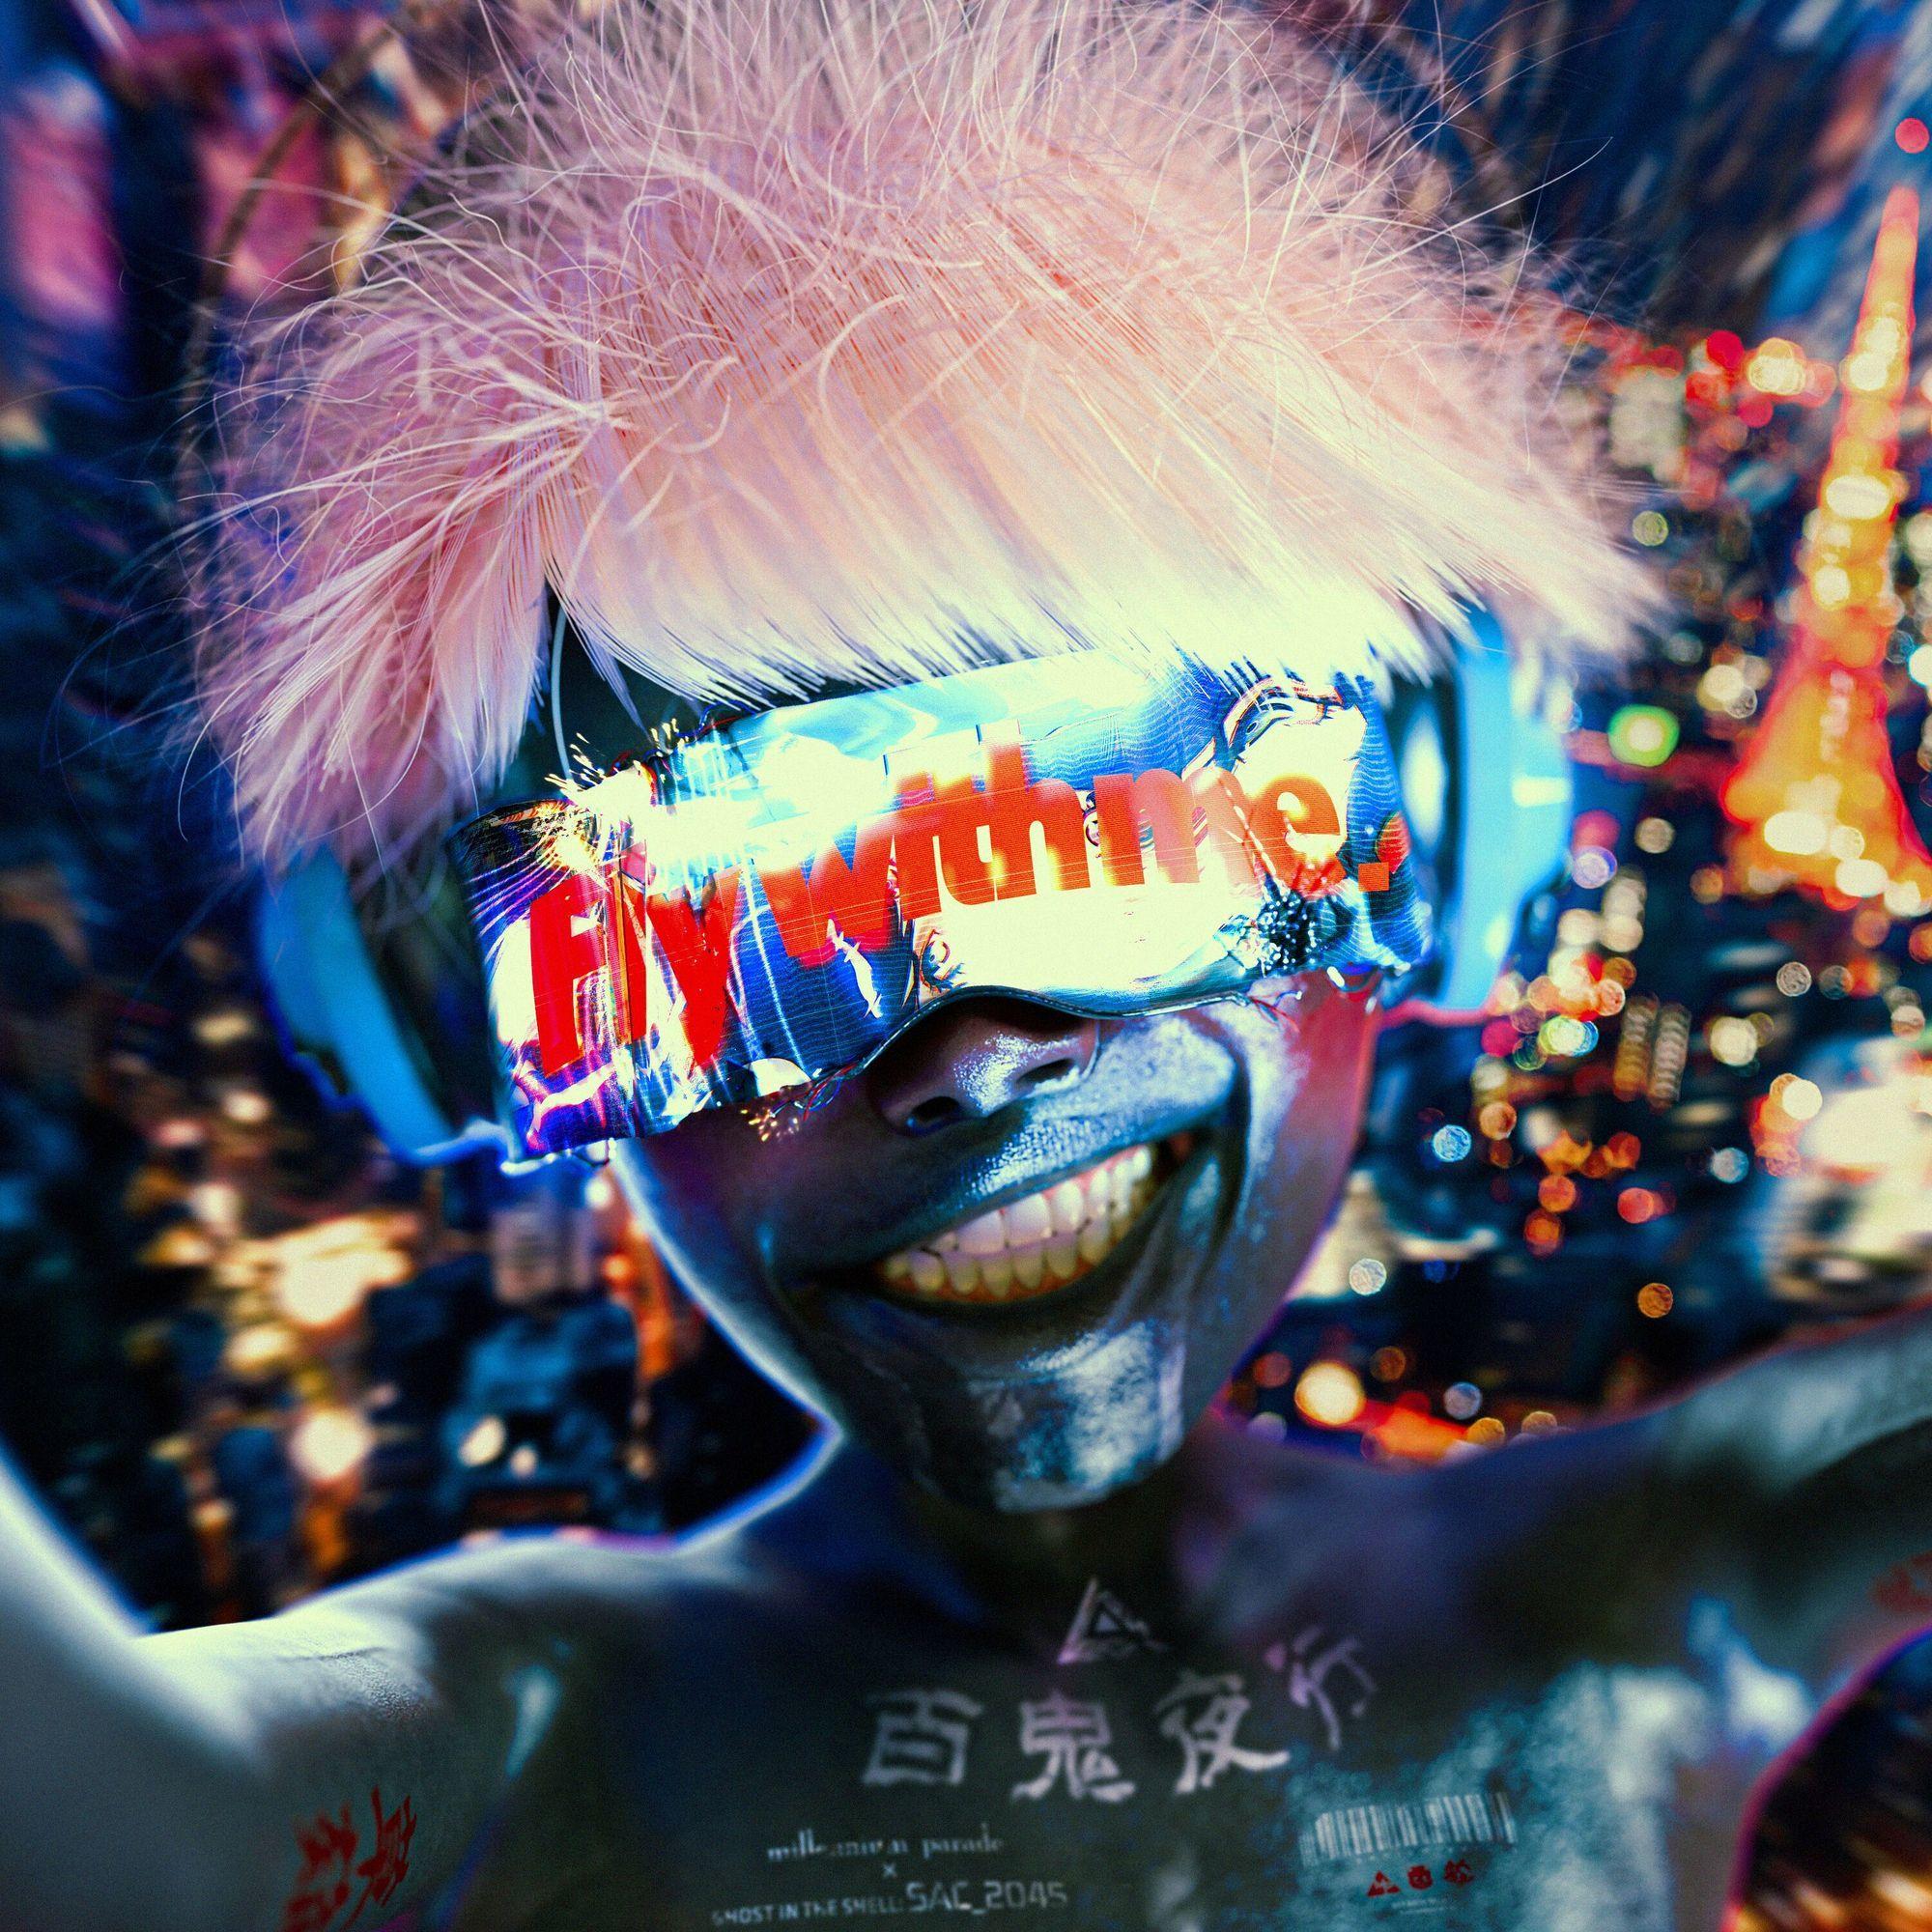 ビクター・フライングドッグからリリース millennium parade × ghost in the shell: SAC_2045「Fly with me」